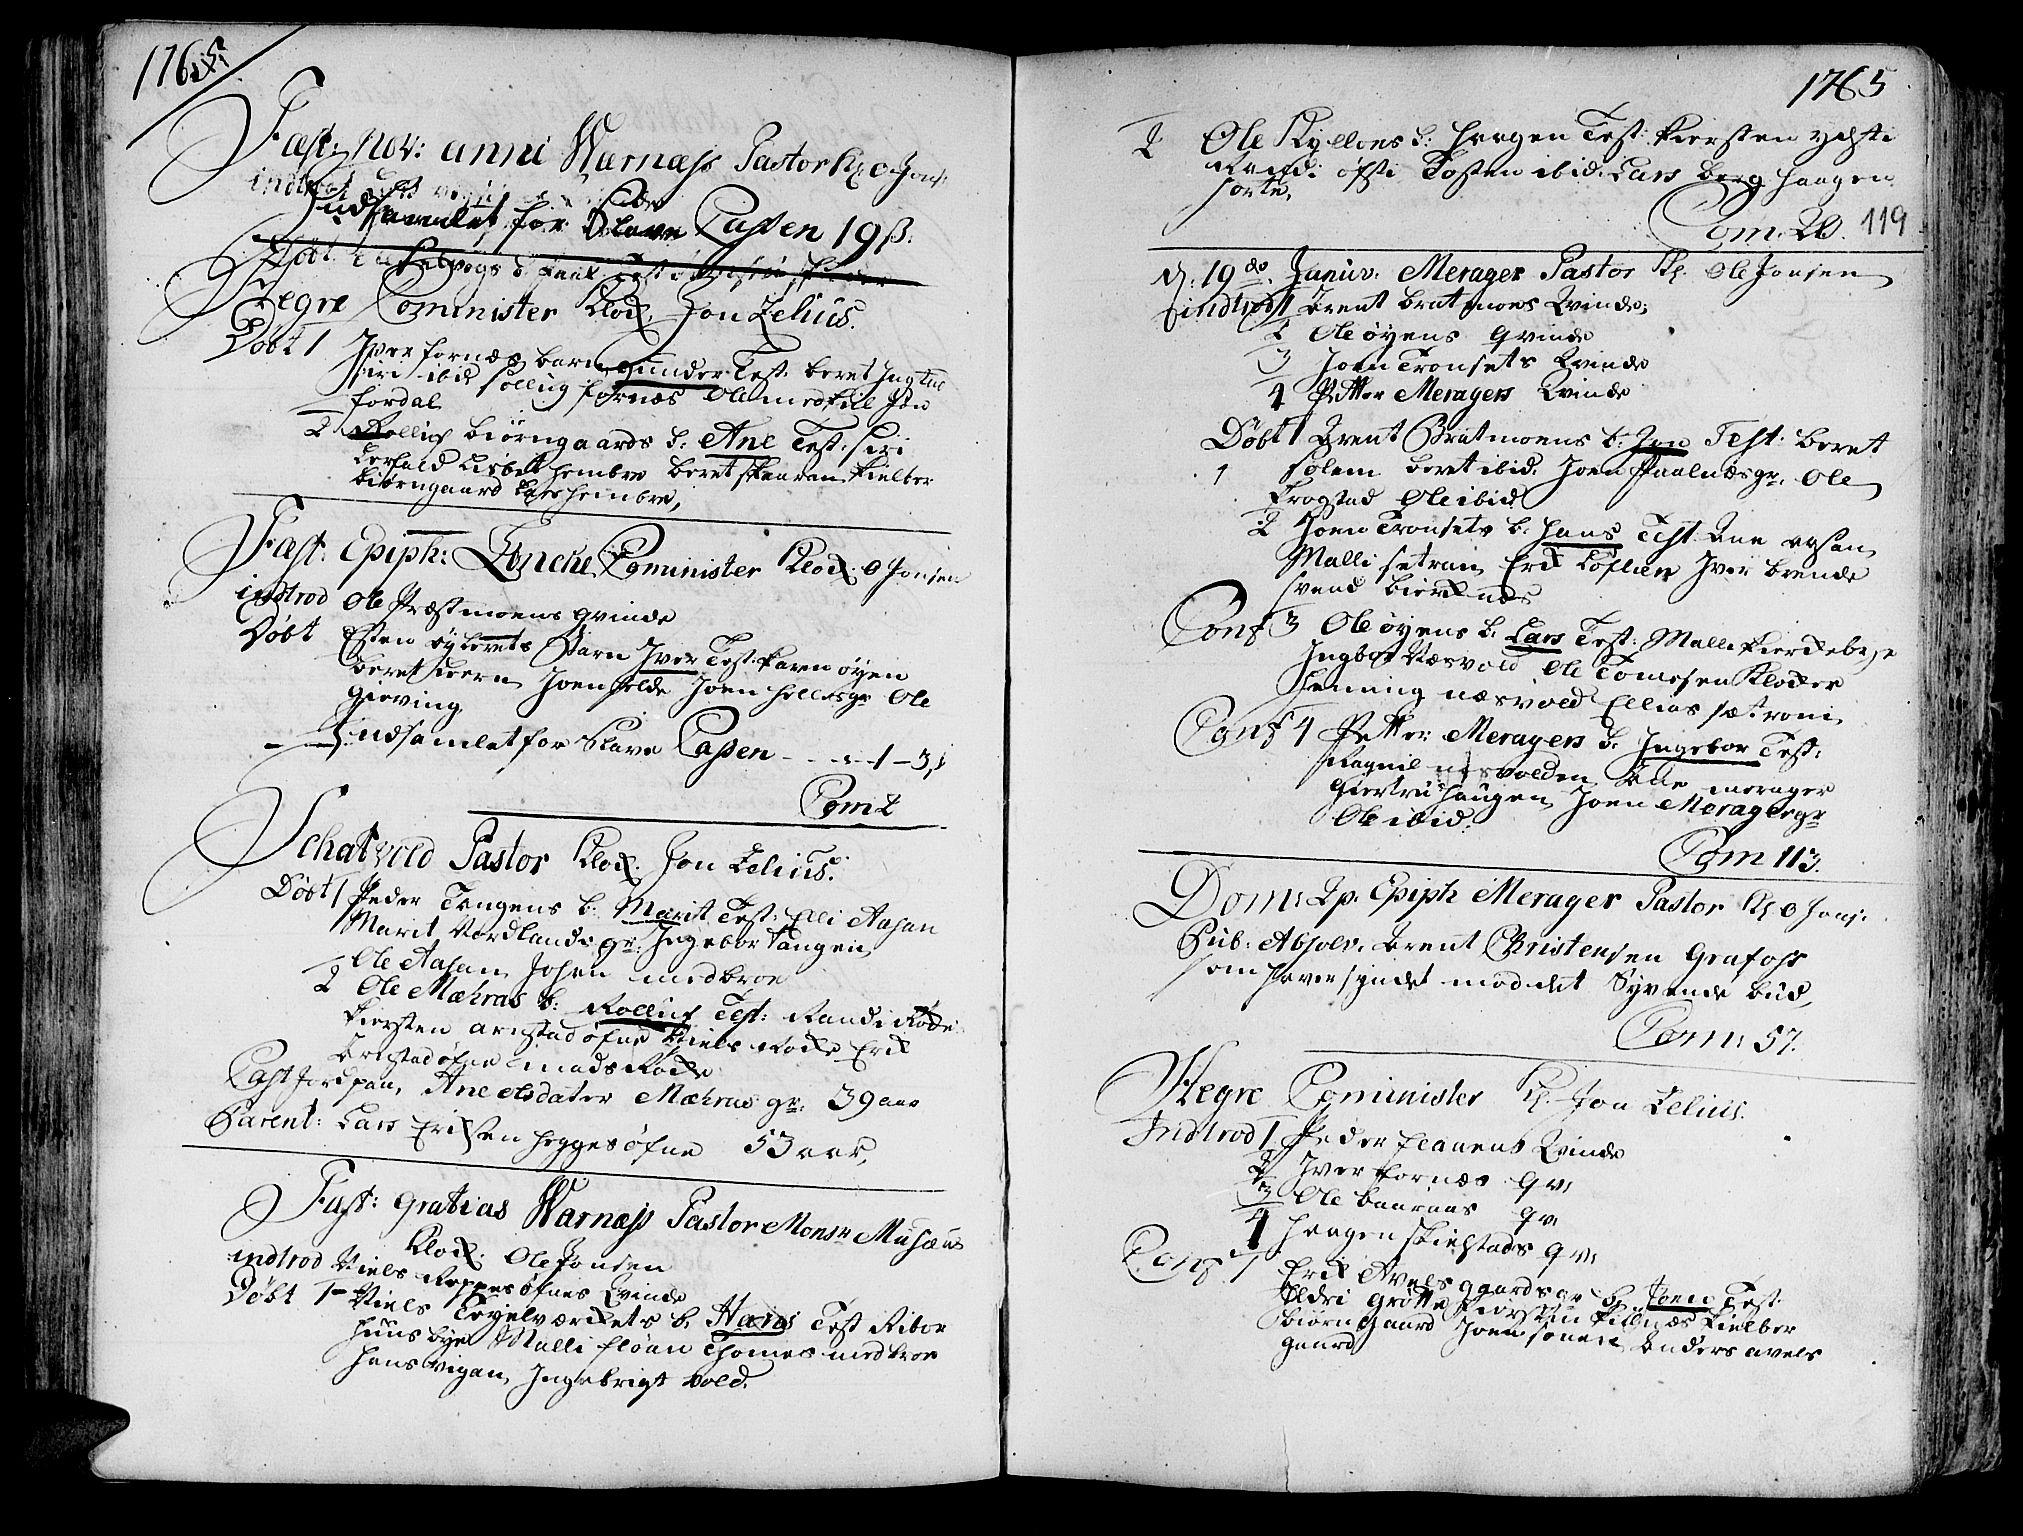 SAT, Ministerialprotokoller, klokkerbøker og fødselsregistre - Nord-Trøndelag, 709/L0057: Ministerialbok nr. 709A05, 1755-1780, s. 119